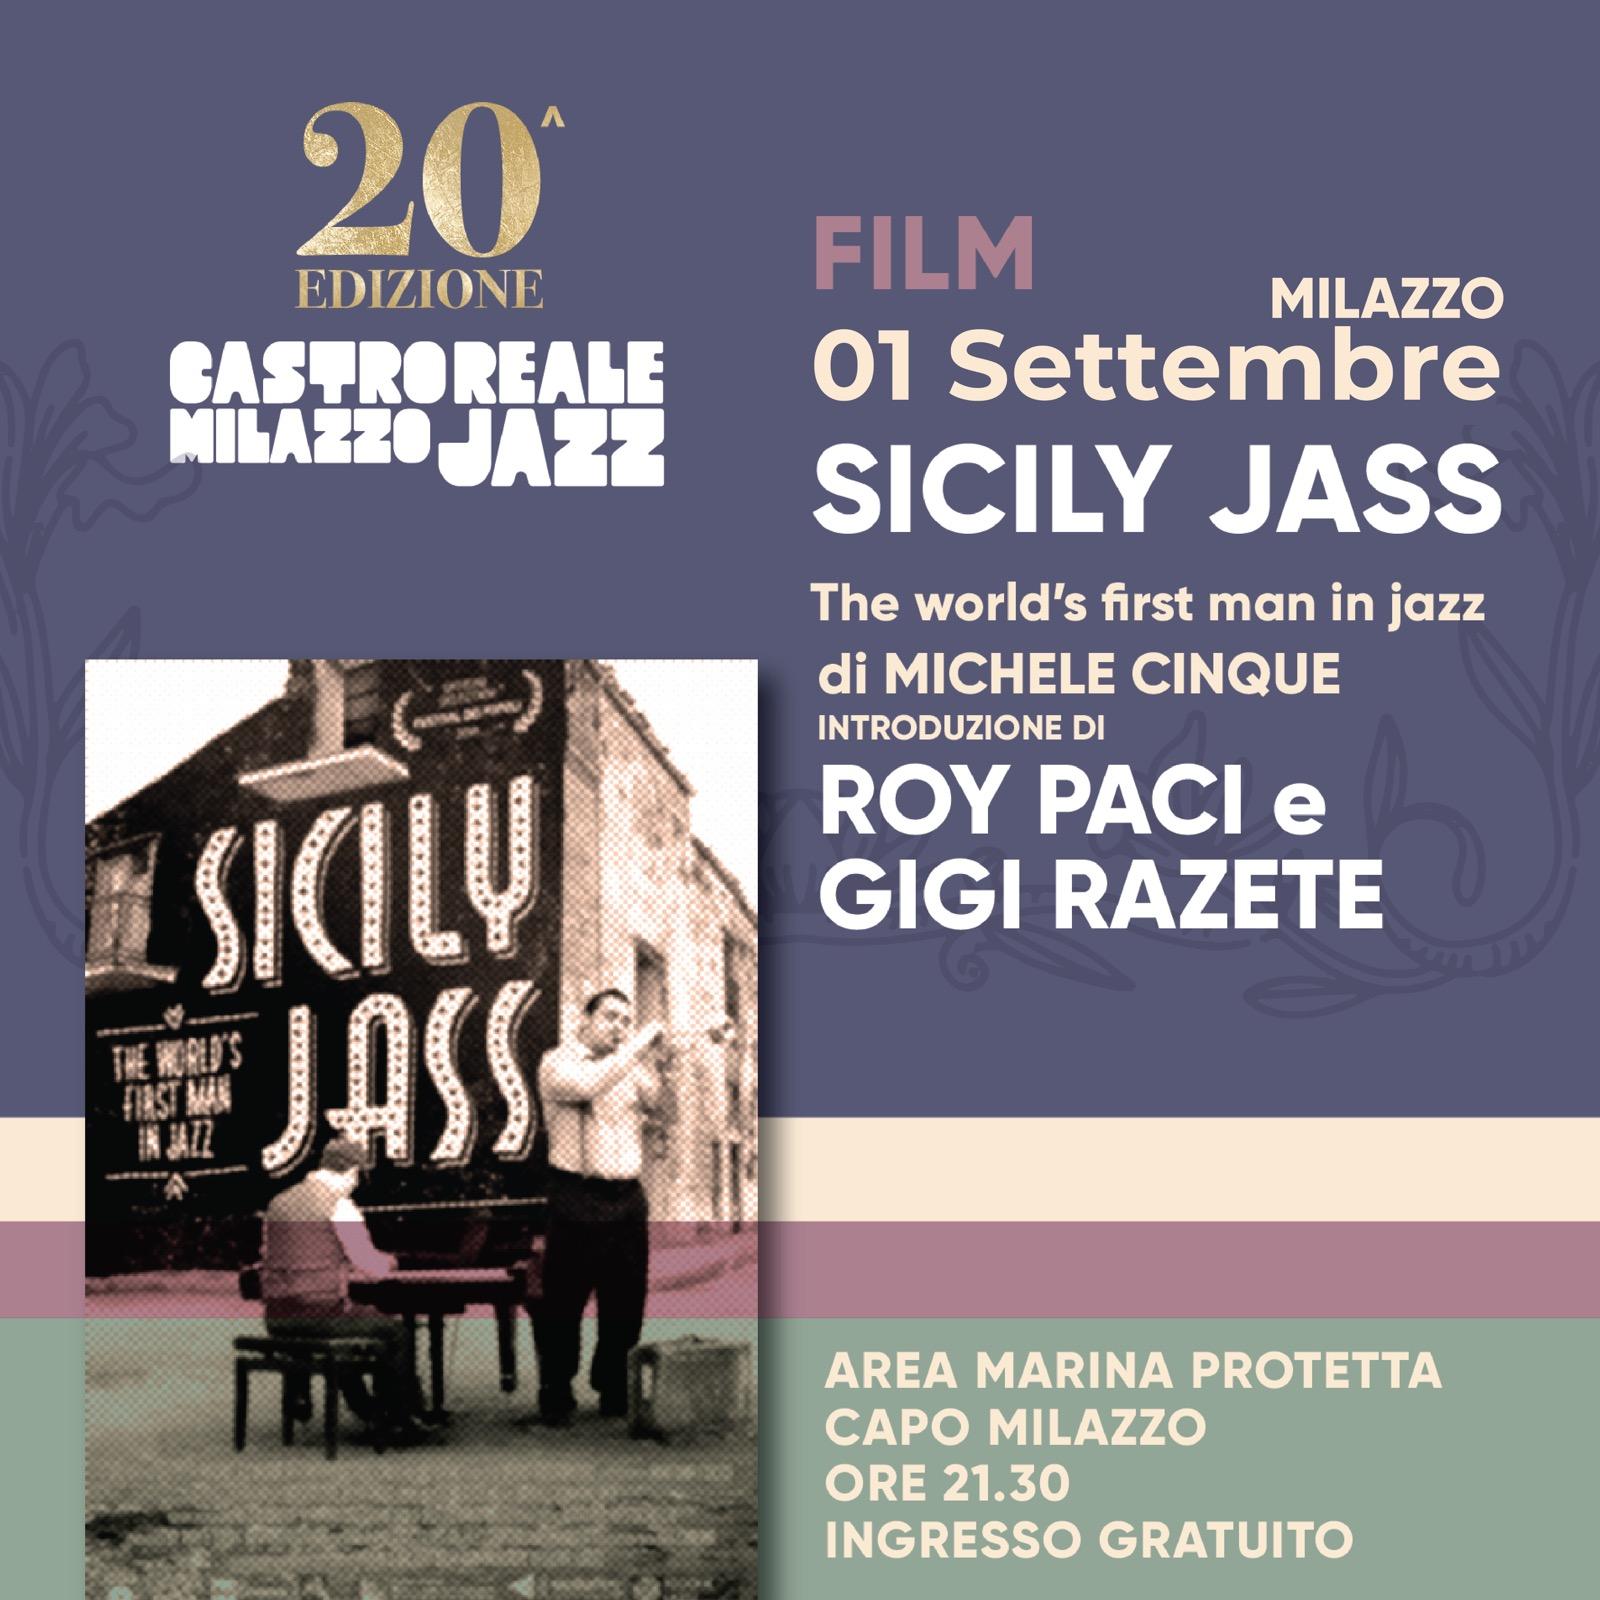 CastrorealeMilazzo Jazz Festival 2020: il gran finale nell'Area Marina Protetta Capo Milazzo